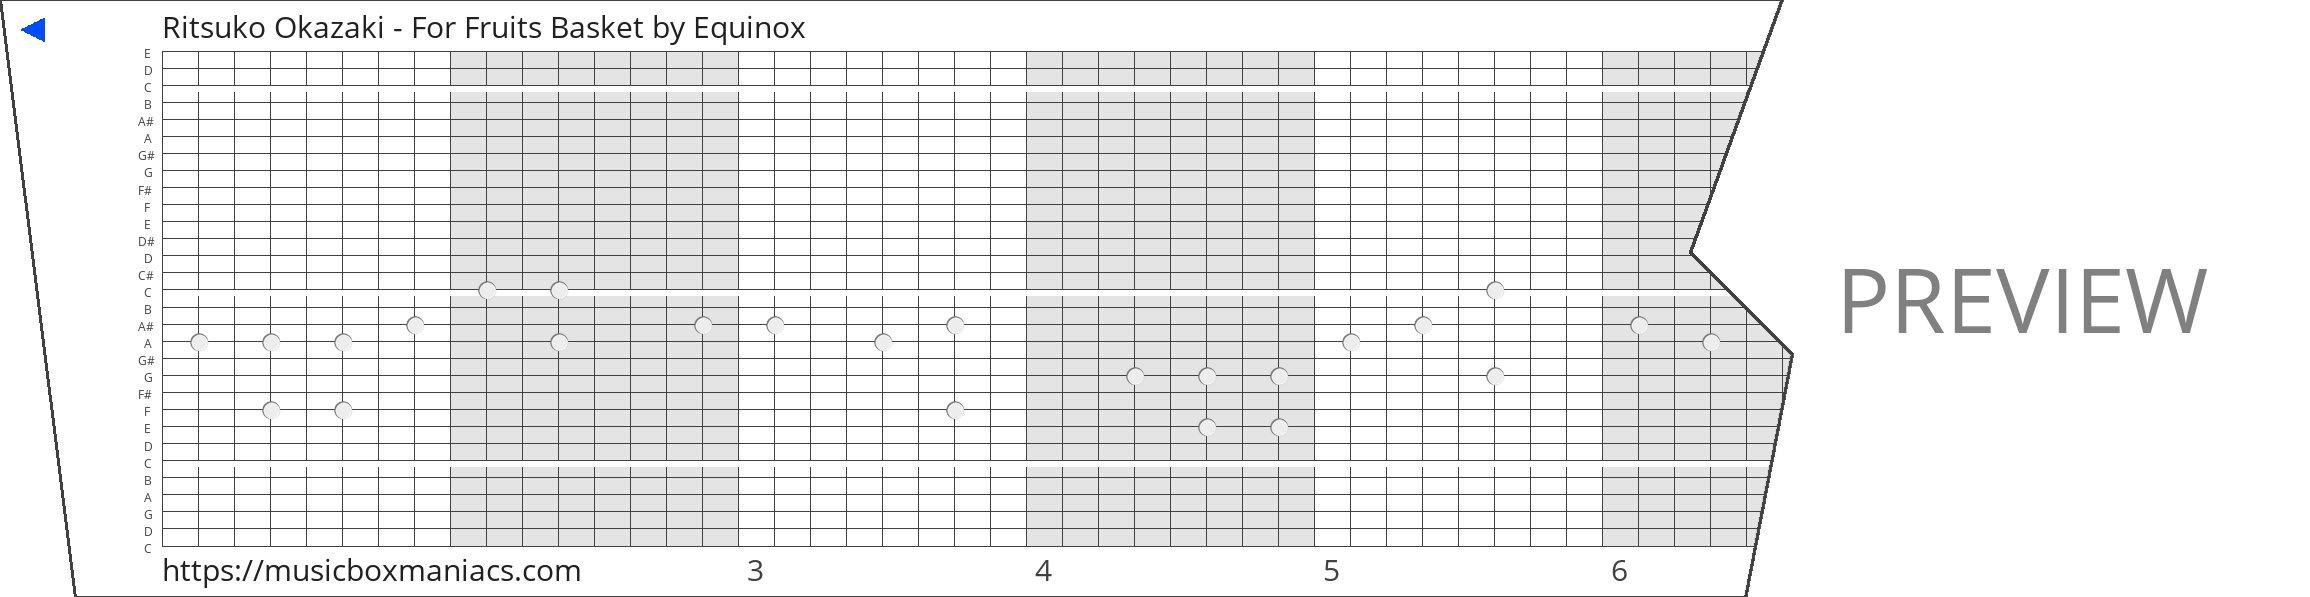 Ritsuko Okazaki - For Fruits Basket 30 note music box paper strip